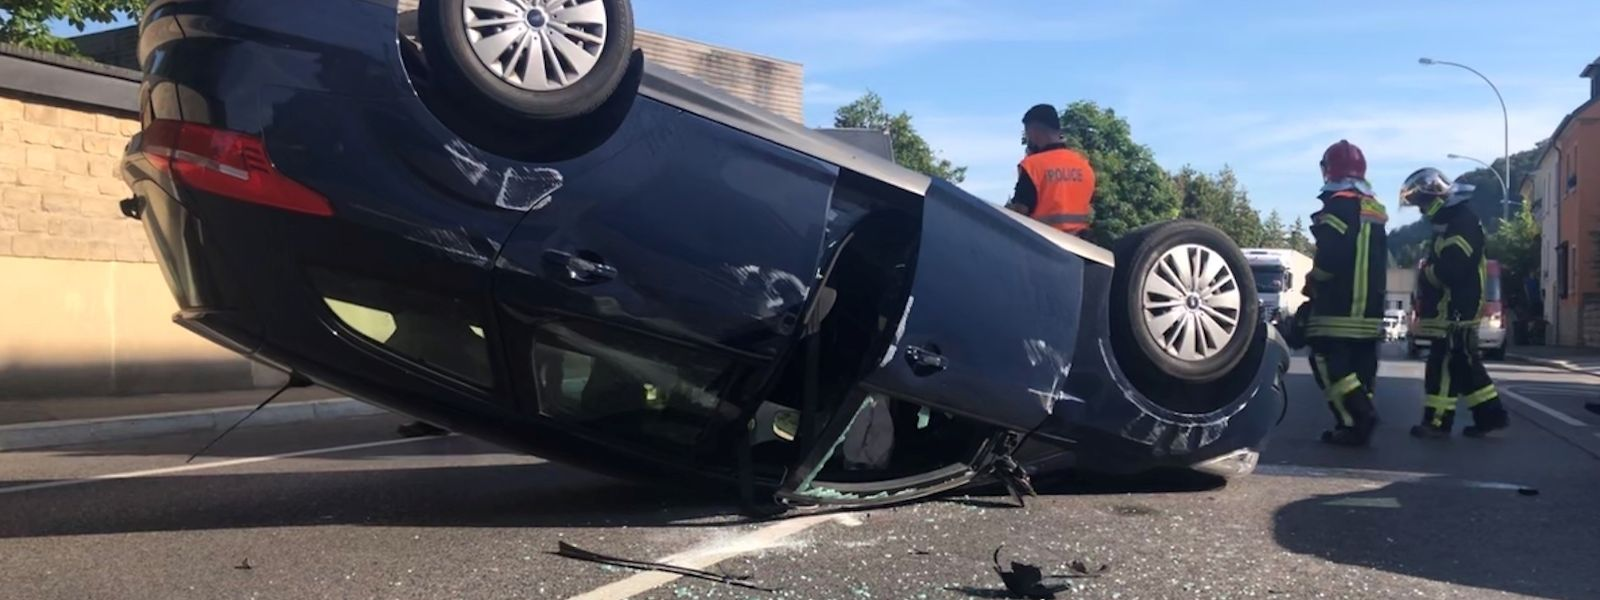 Unfall in Heisdorf mit einem Verletzten.